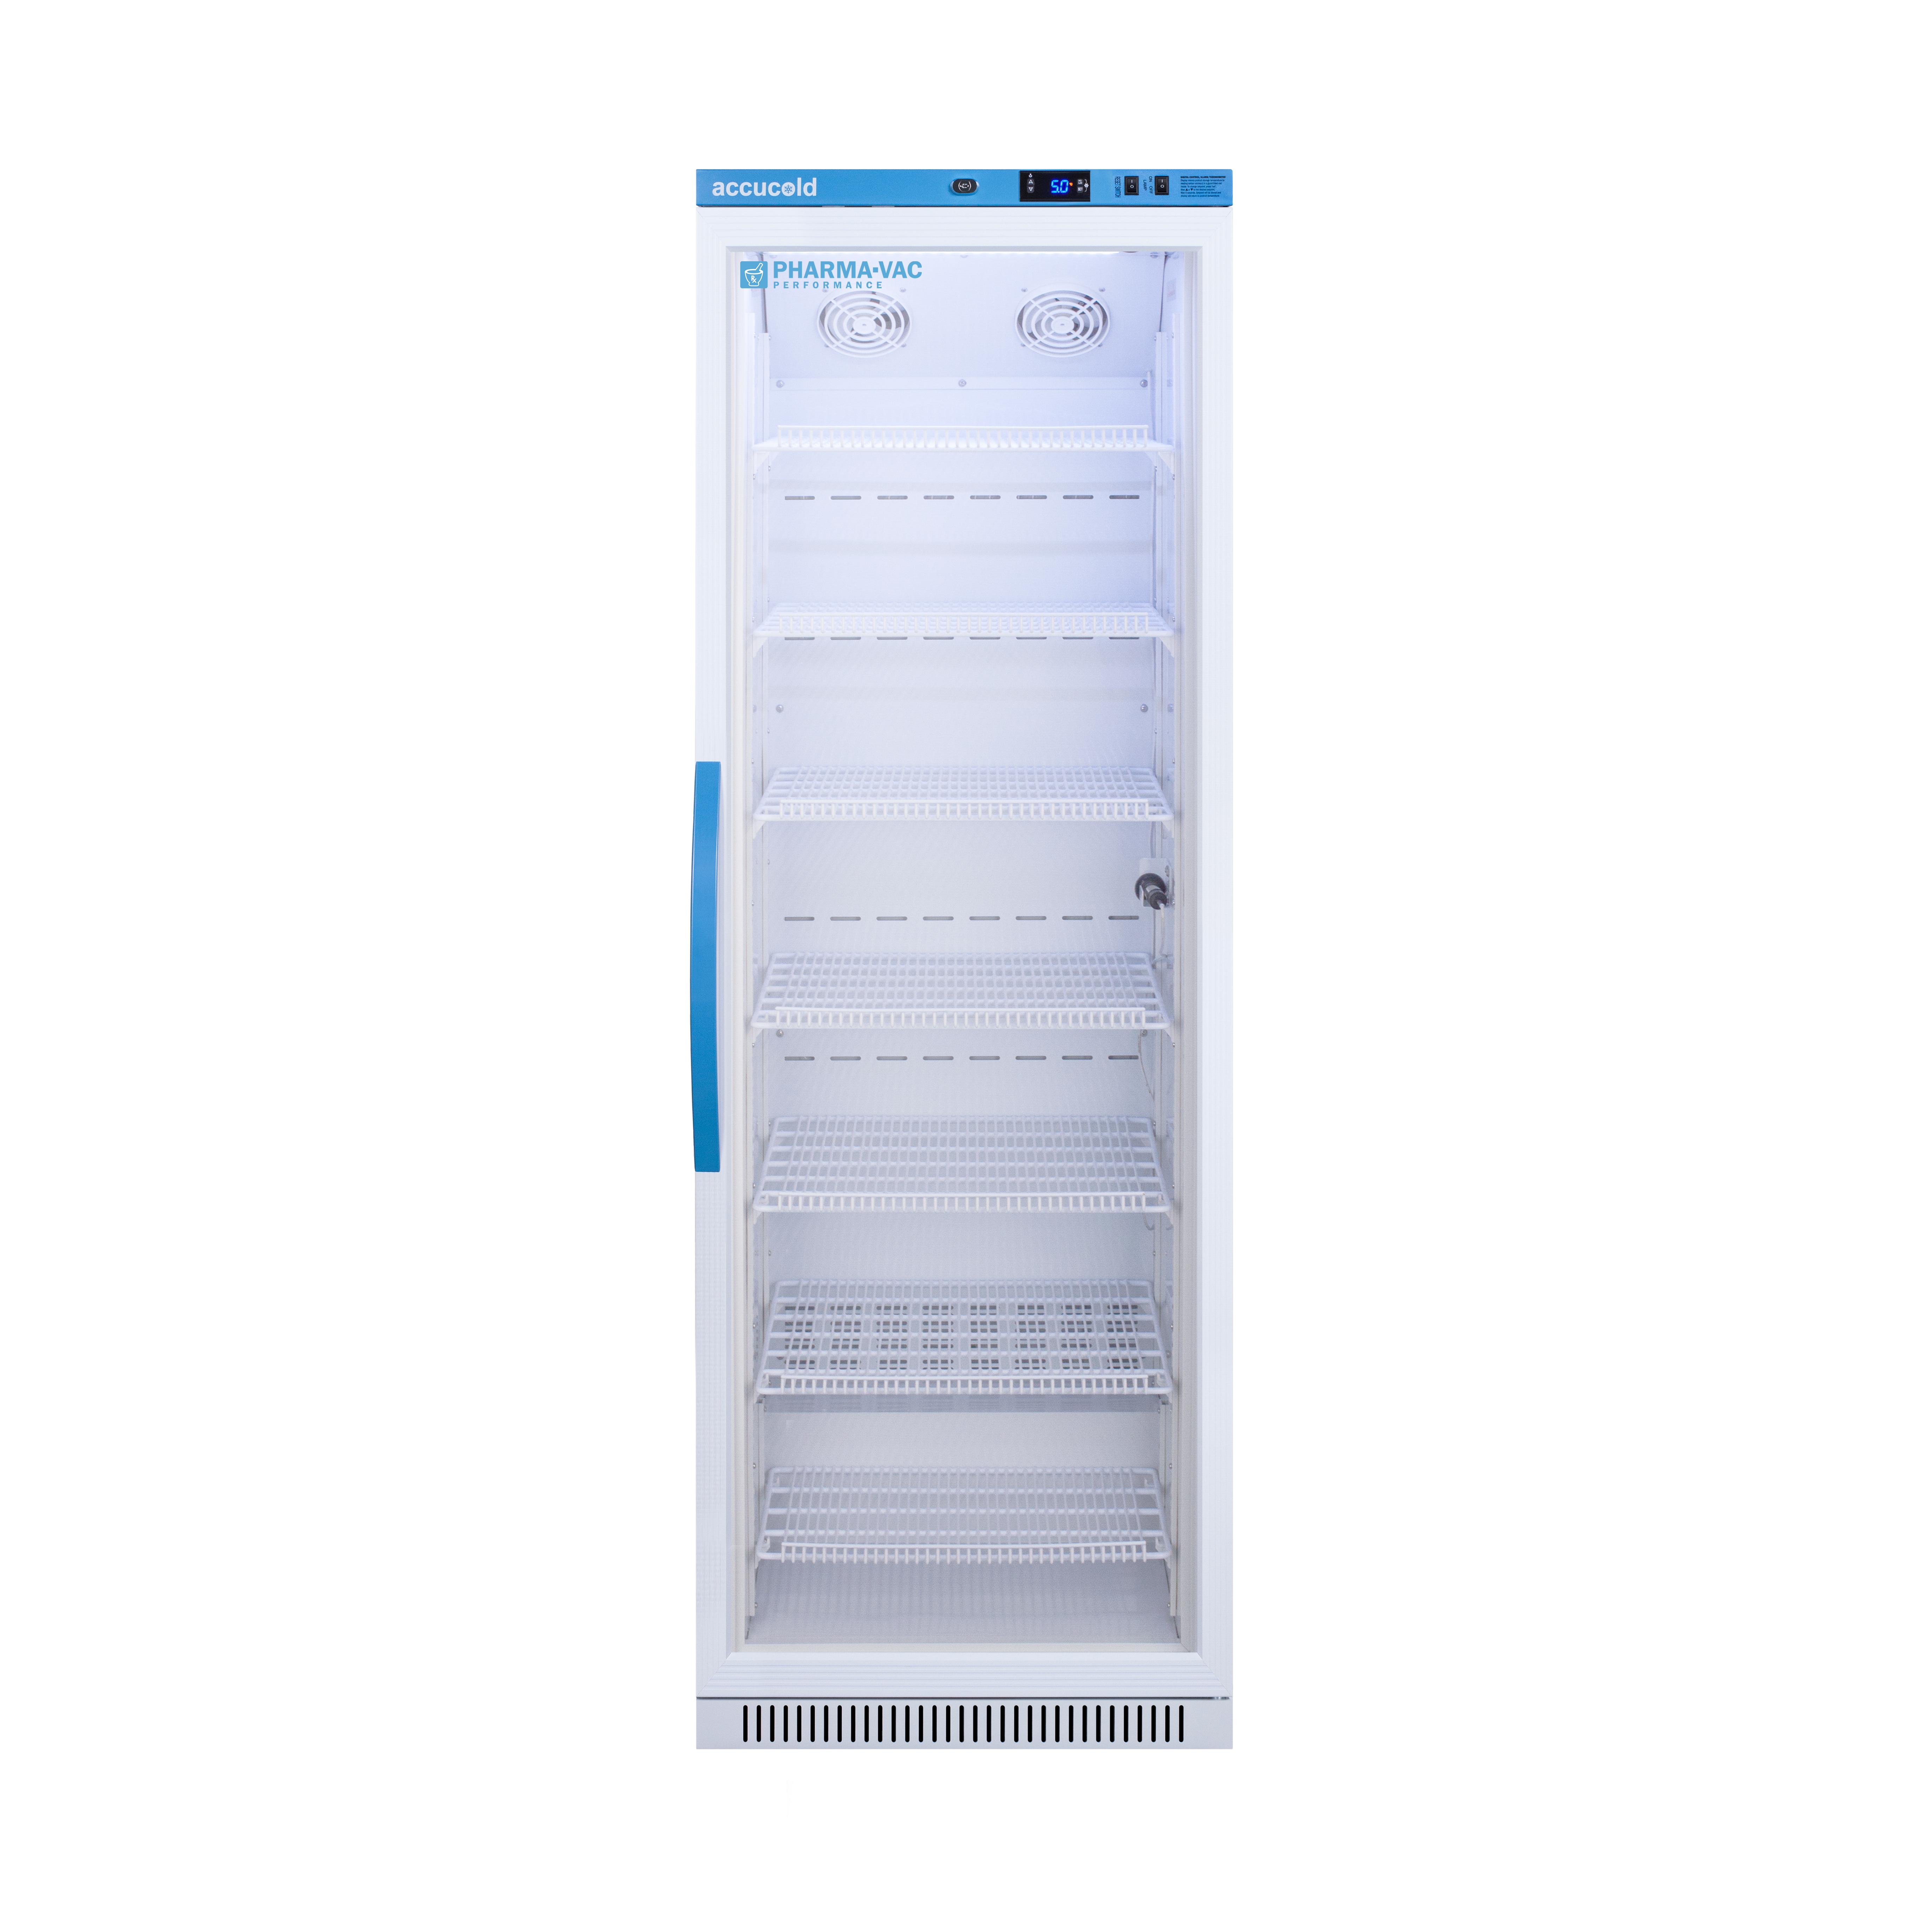 Summit Appliance ARG15PV refrigerator, medical